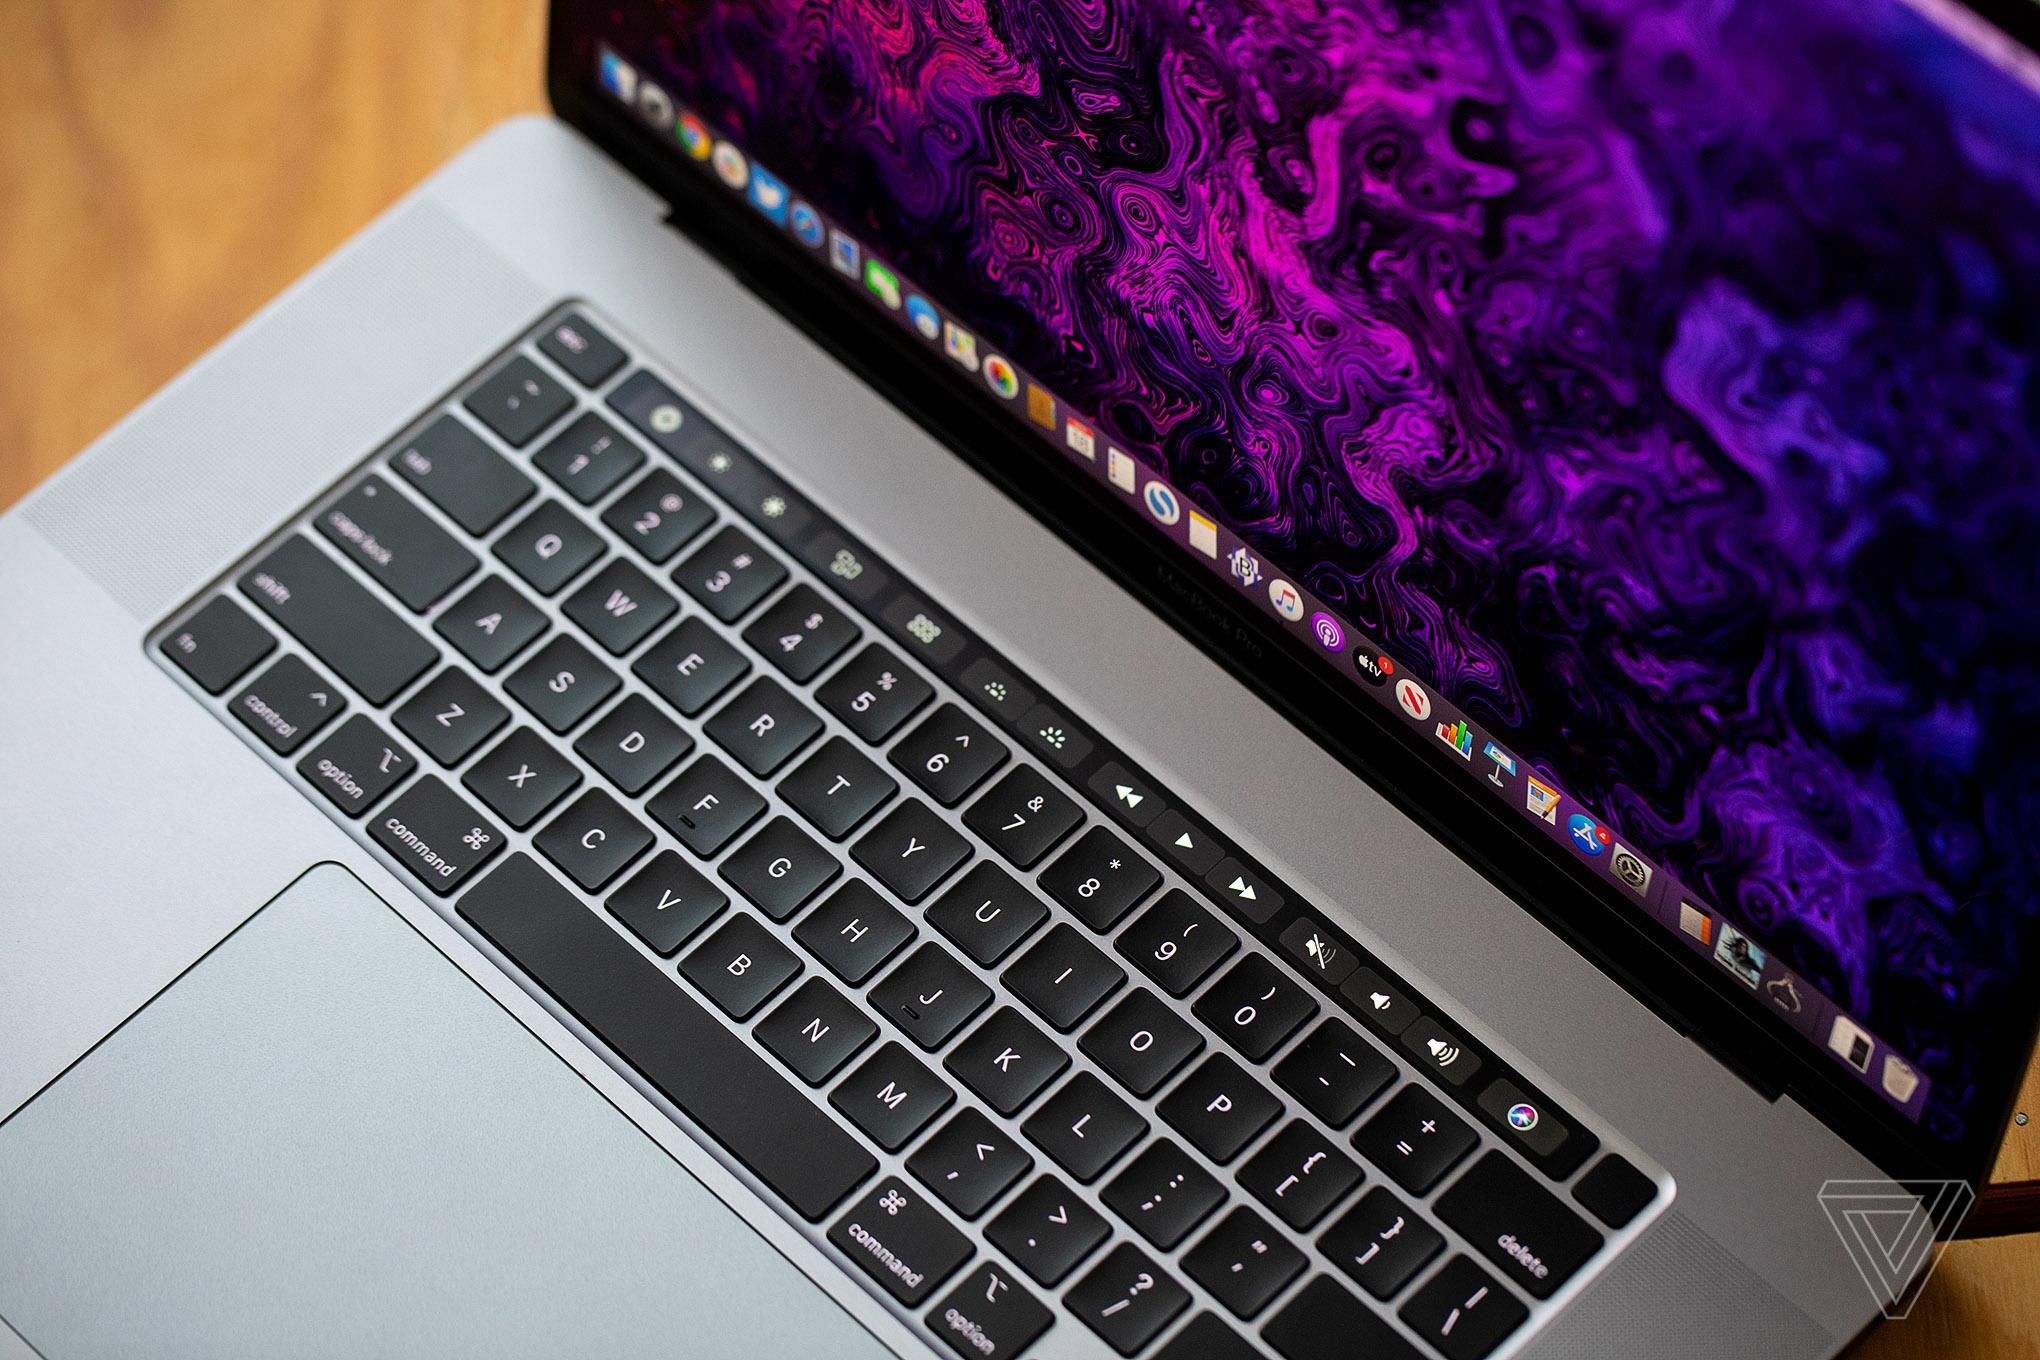 Đánh giá MacBook Pro 16-inch: Chiếc MacBook mà tất cả người dùng vẫn luôn mong chờ